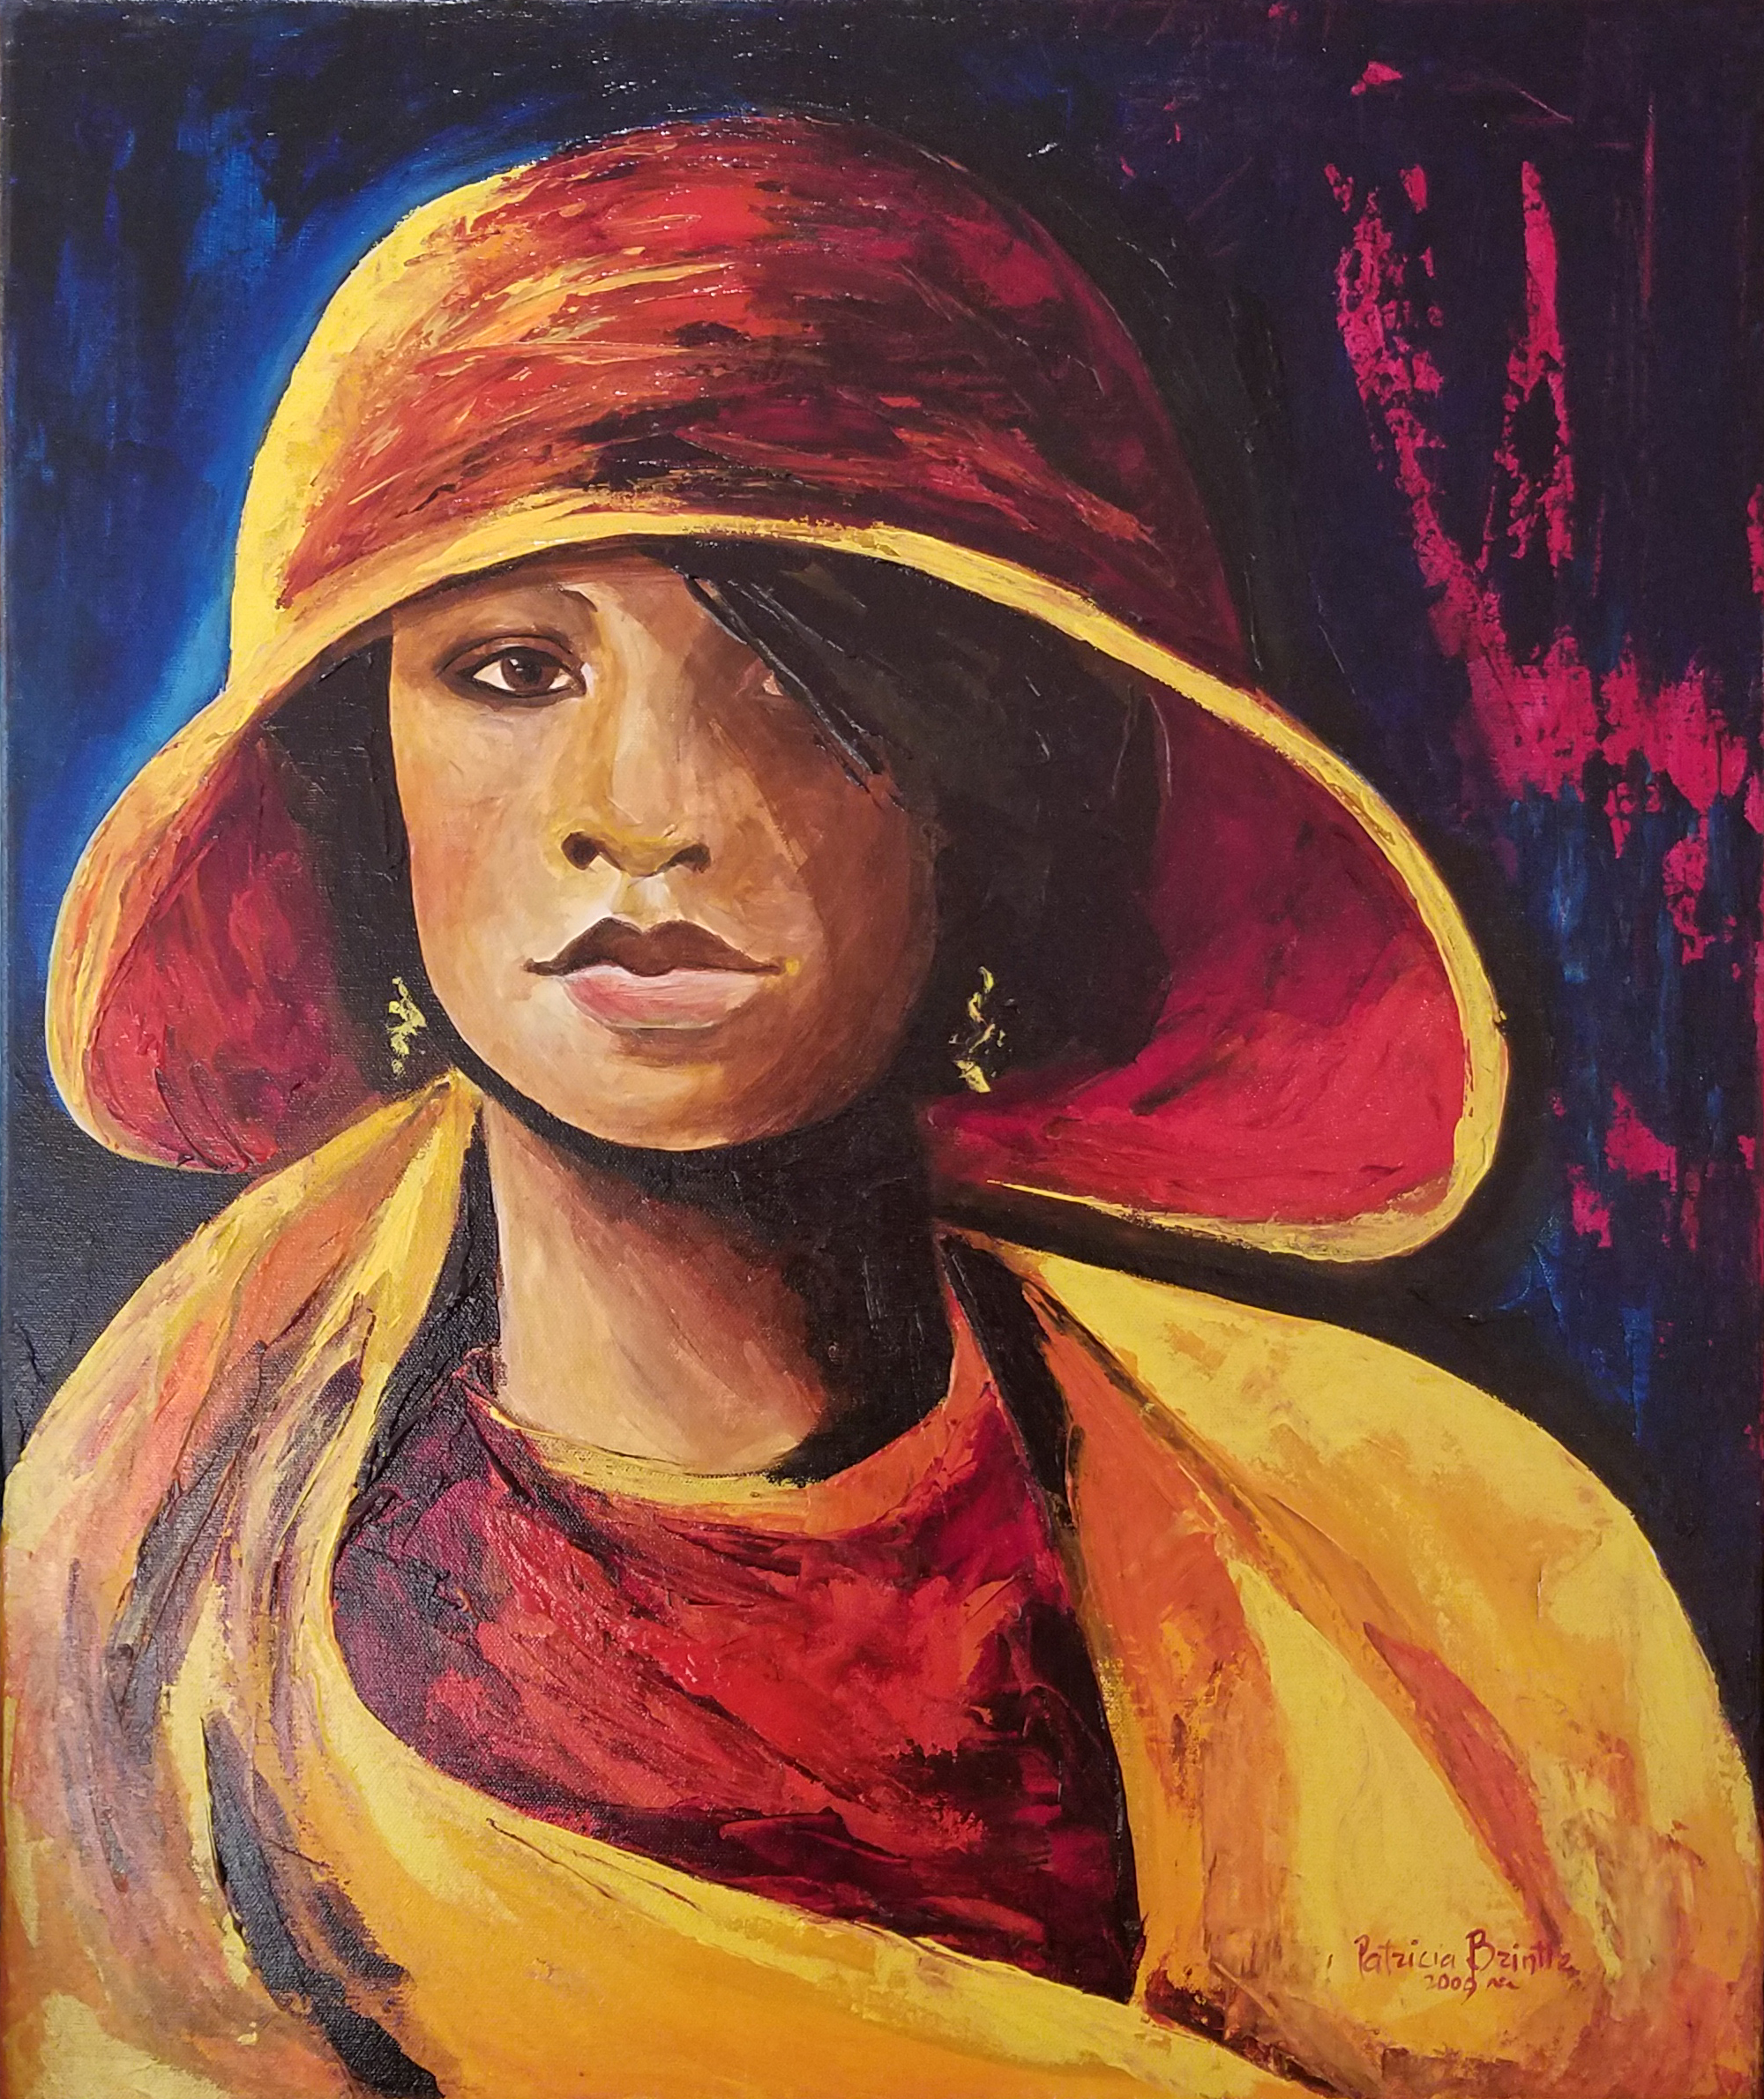 GalleryAWA-Patricia Brintle-Ellie Mae.jpg